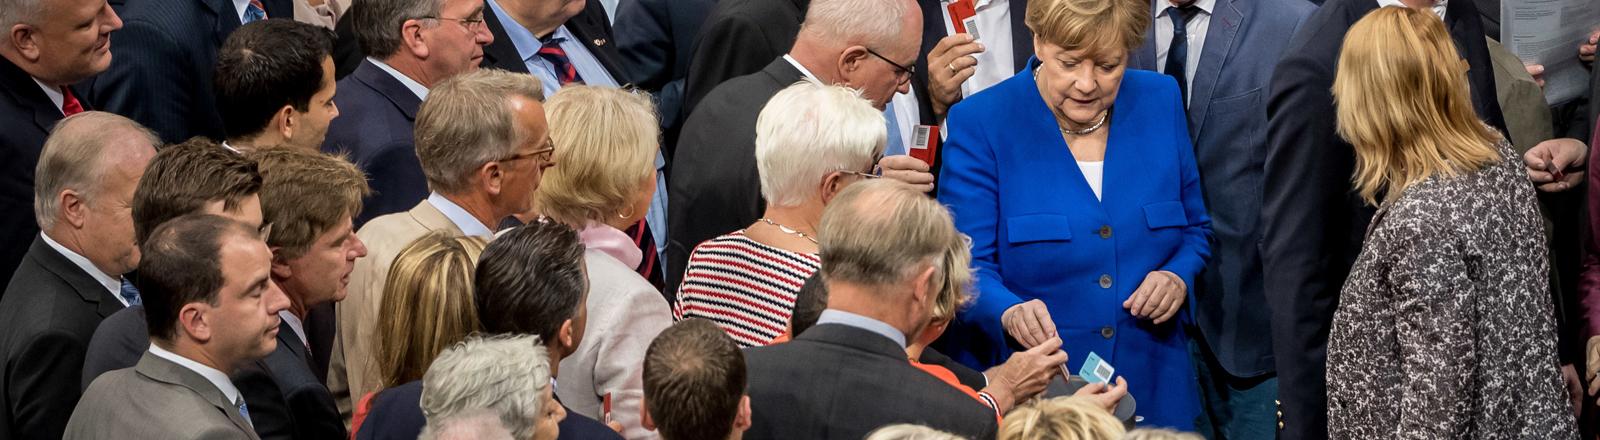 """Bundeskanzlerin Angela Merkel (CDU) wirft am 30.06.2017 im Bundestag in Berlin im Plenum ihre """"NEIN"""" Stimmkarte ein."""